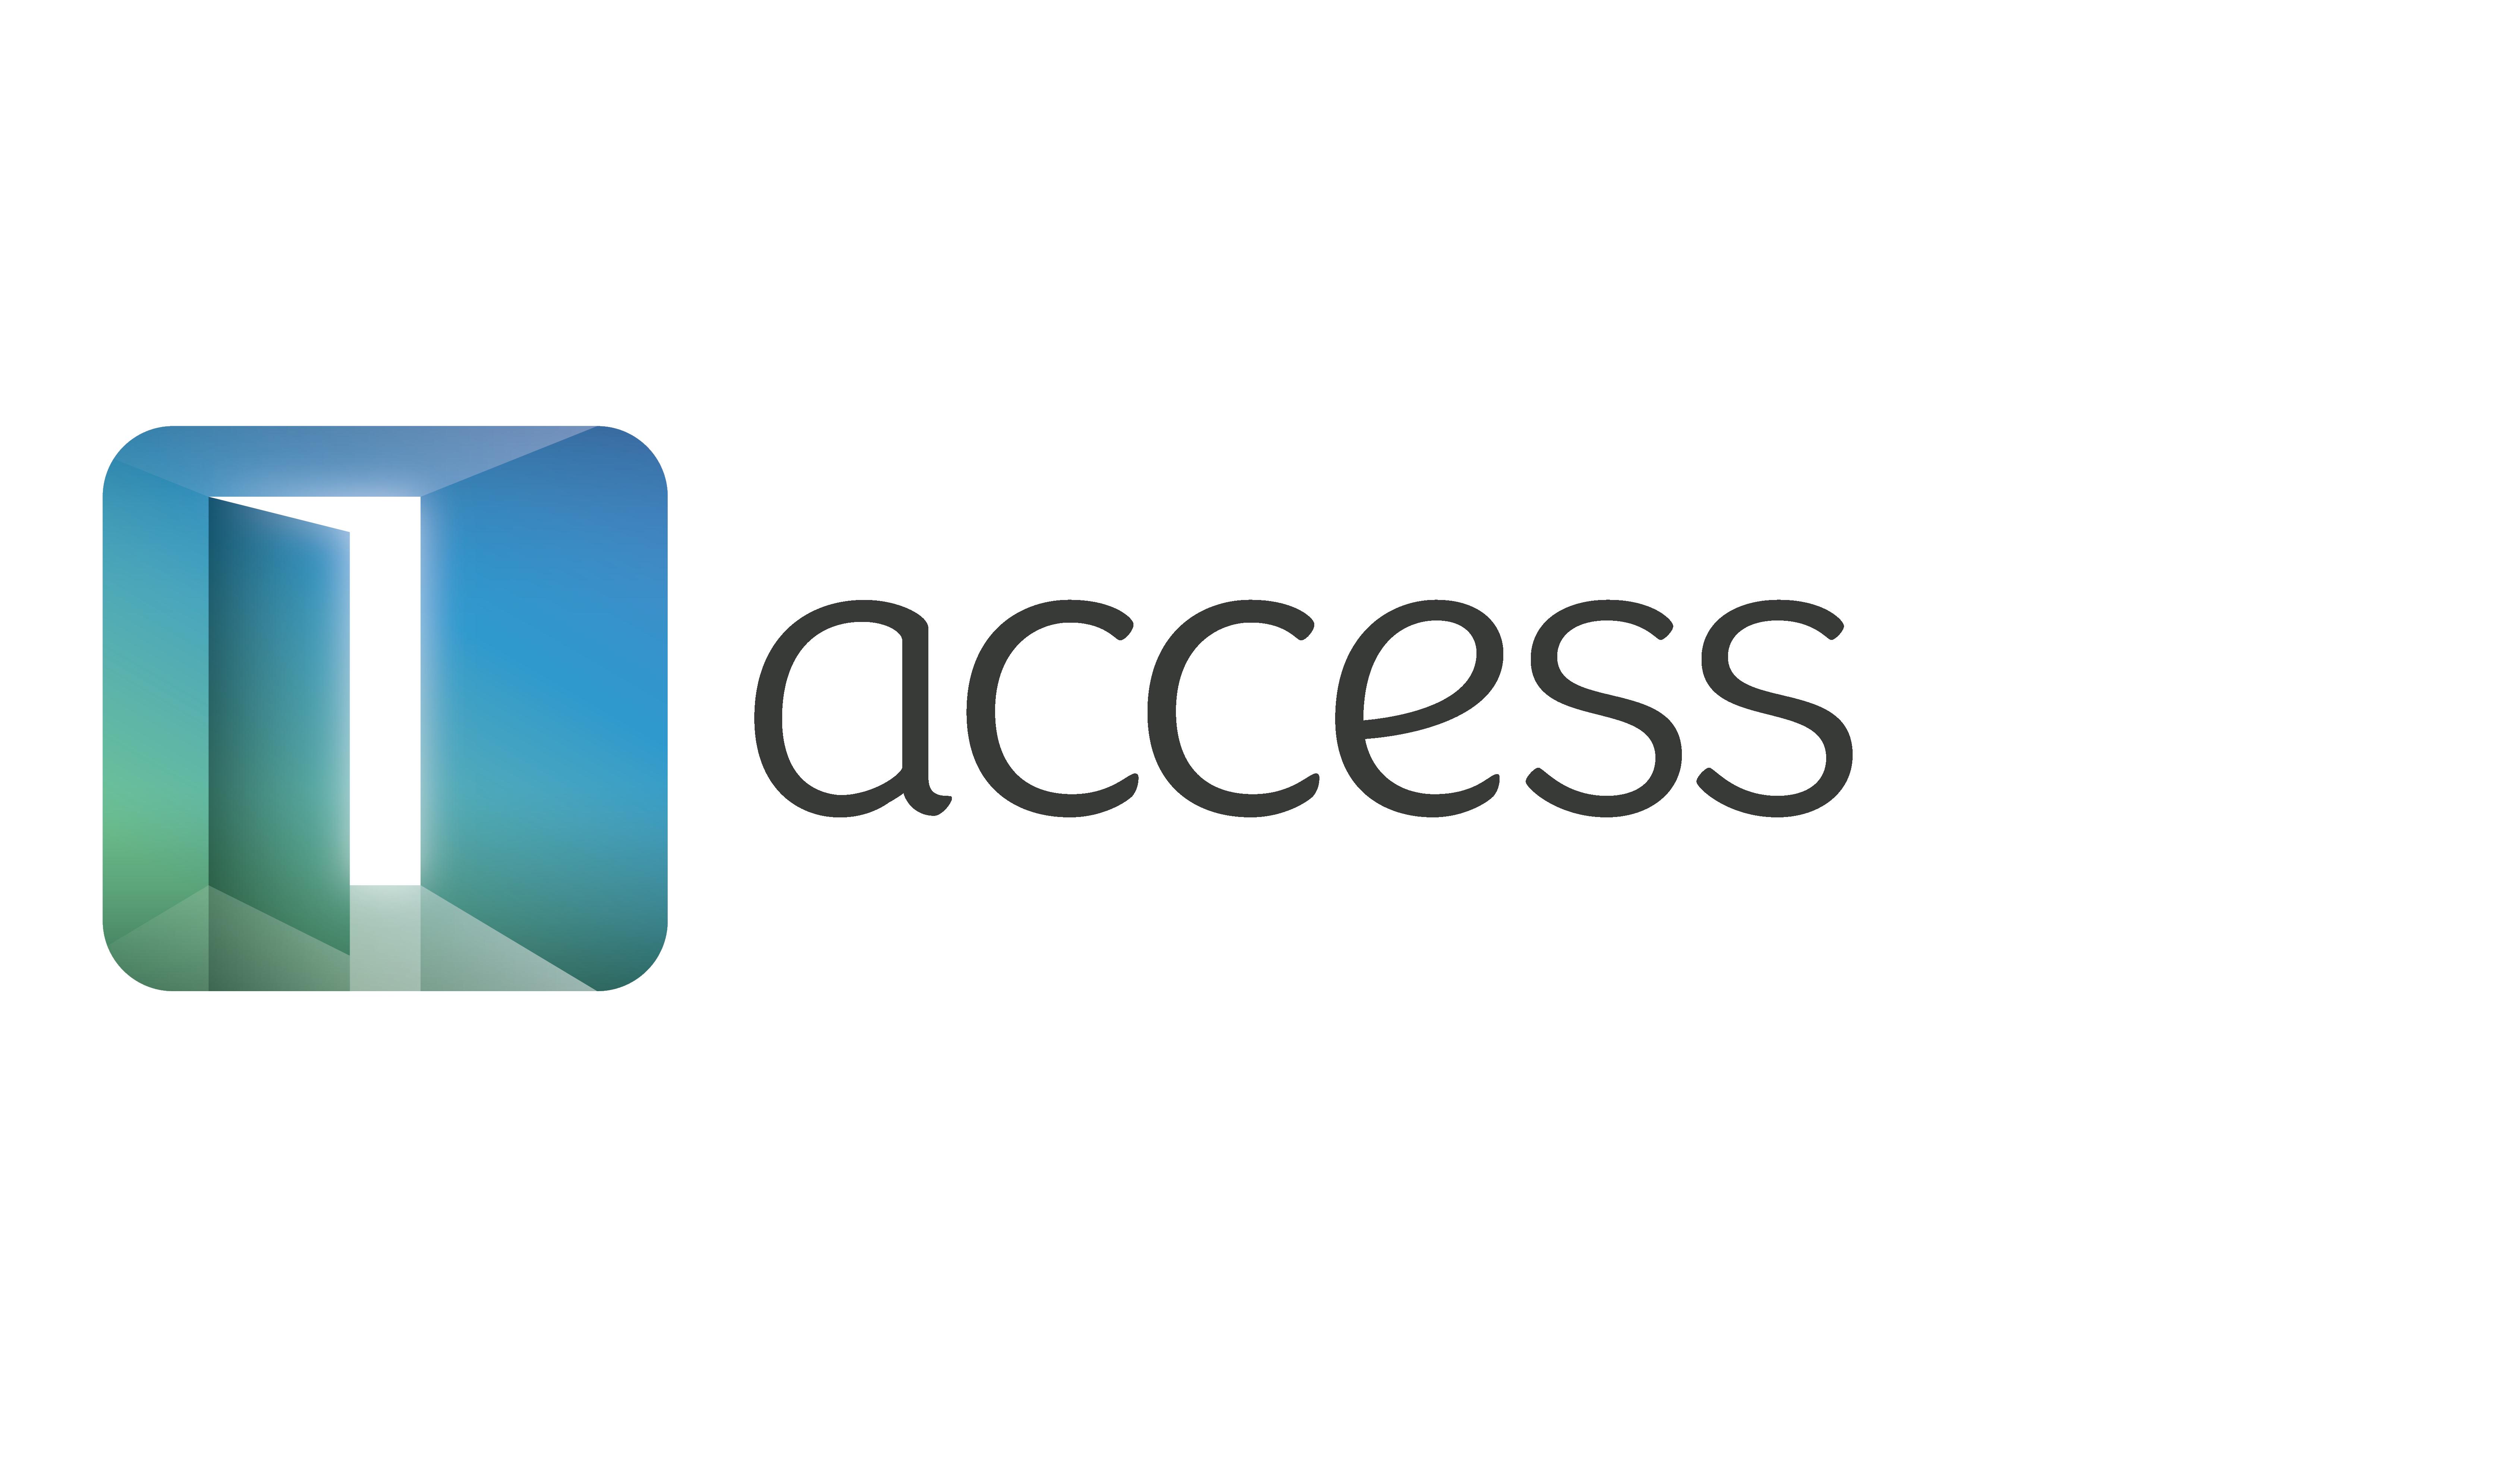 AltaViu_Access_1